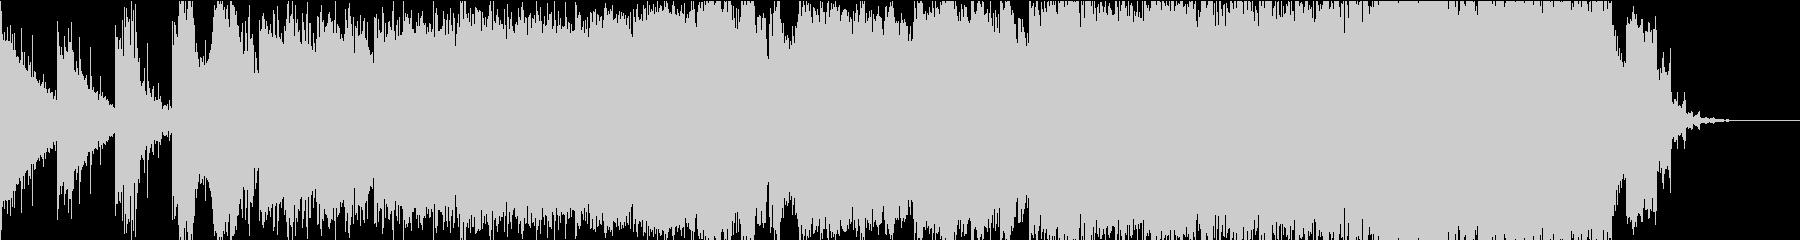 エピック ヴォーカライズとバイオリンの未再生の波形